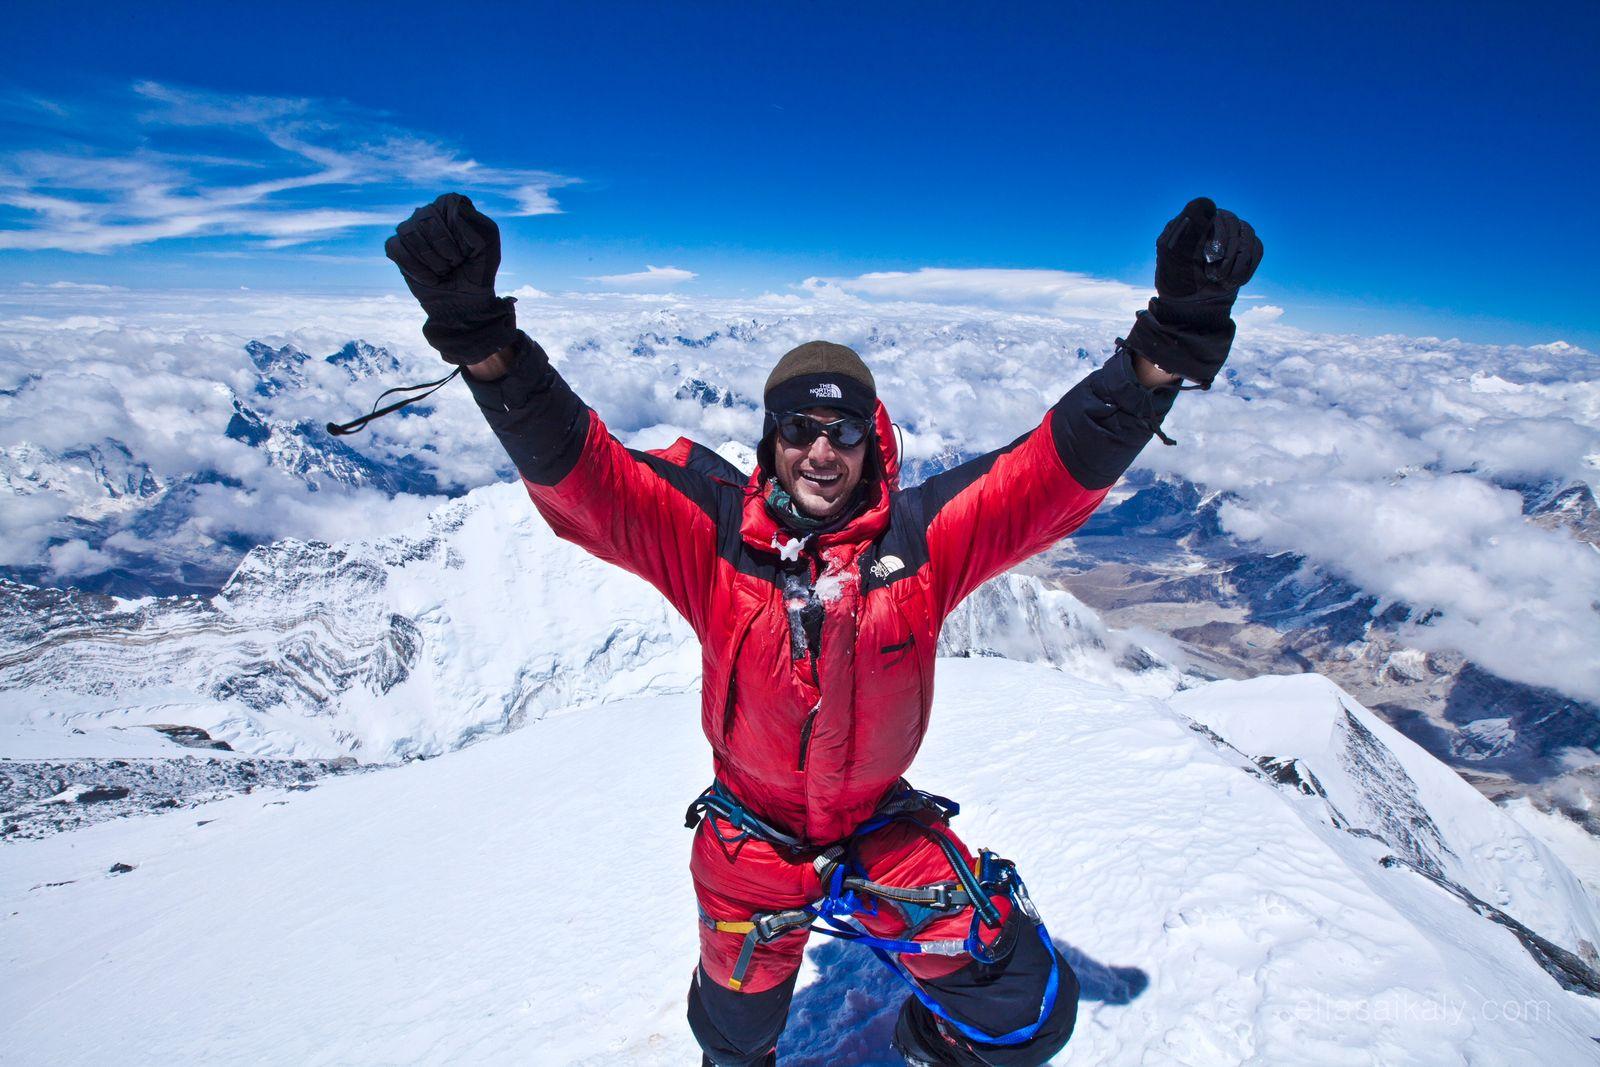 EINMALIGE VERWENDUNG Mount Everest / Elia Saikaly